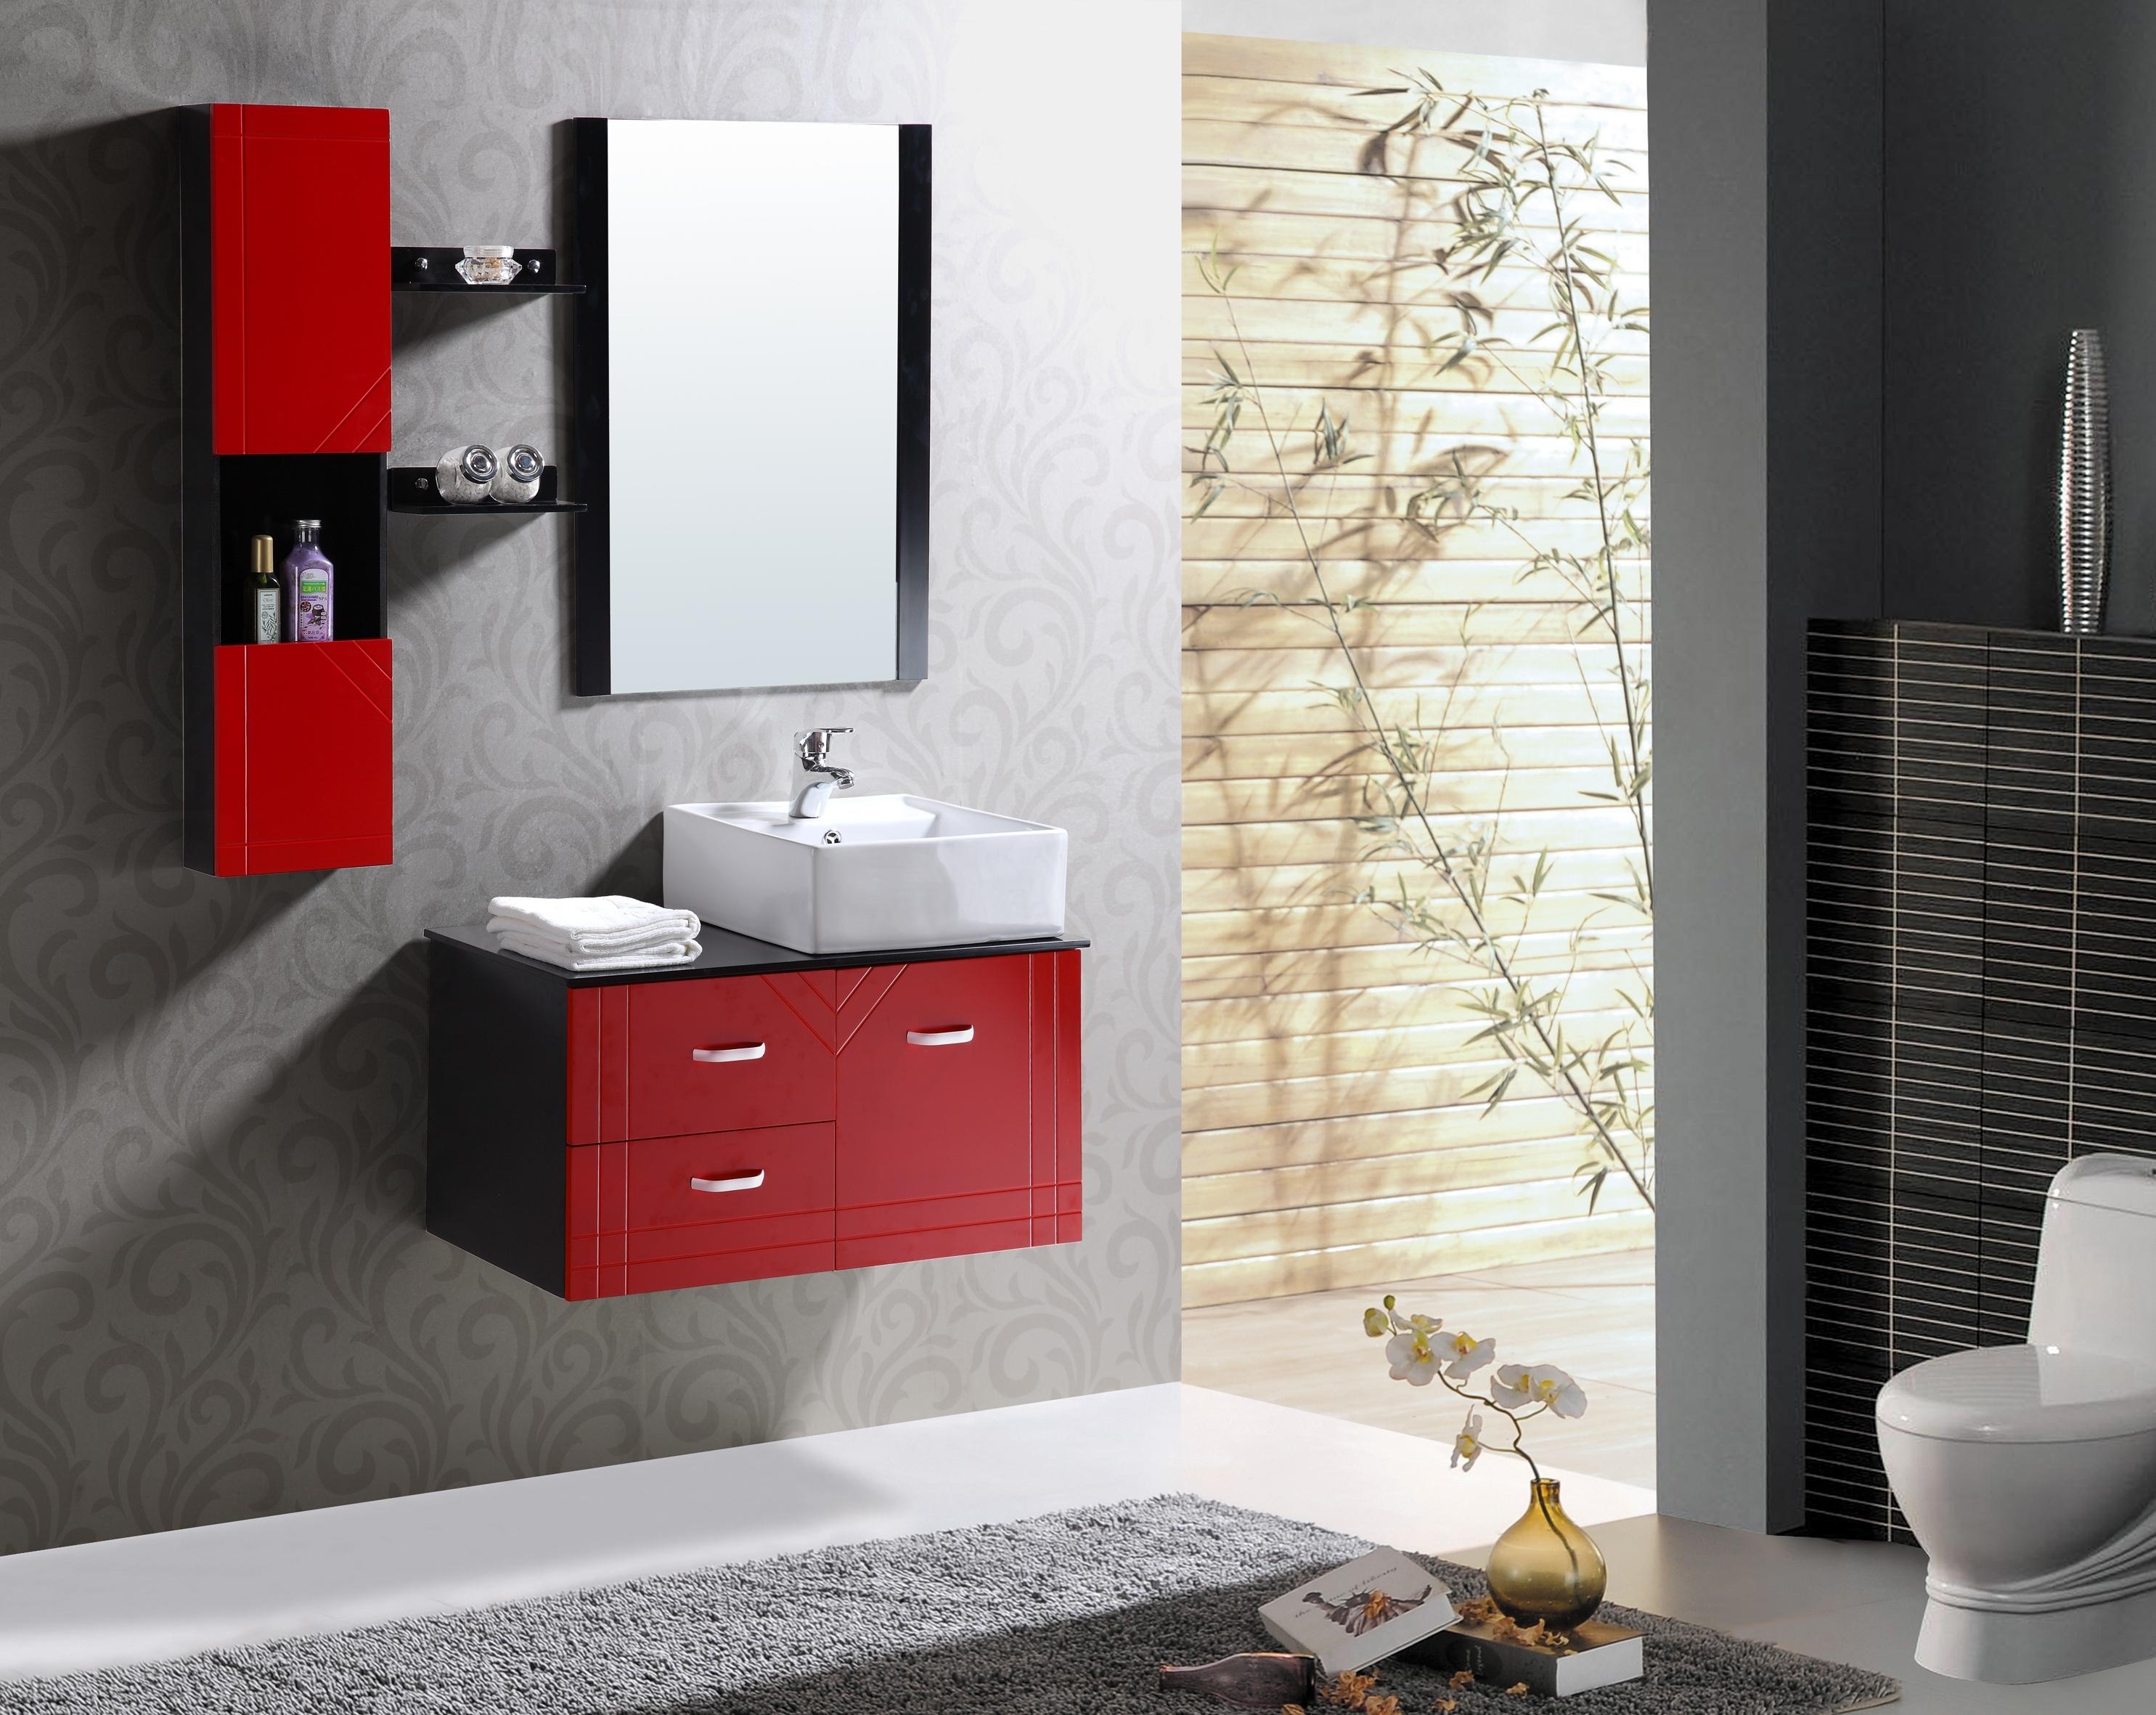 pvc卫浴柜组合橡木浴室柜落地柜欧式浴室柜组合洗脸盆柜洗手盆柜仅售